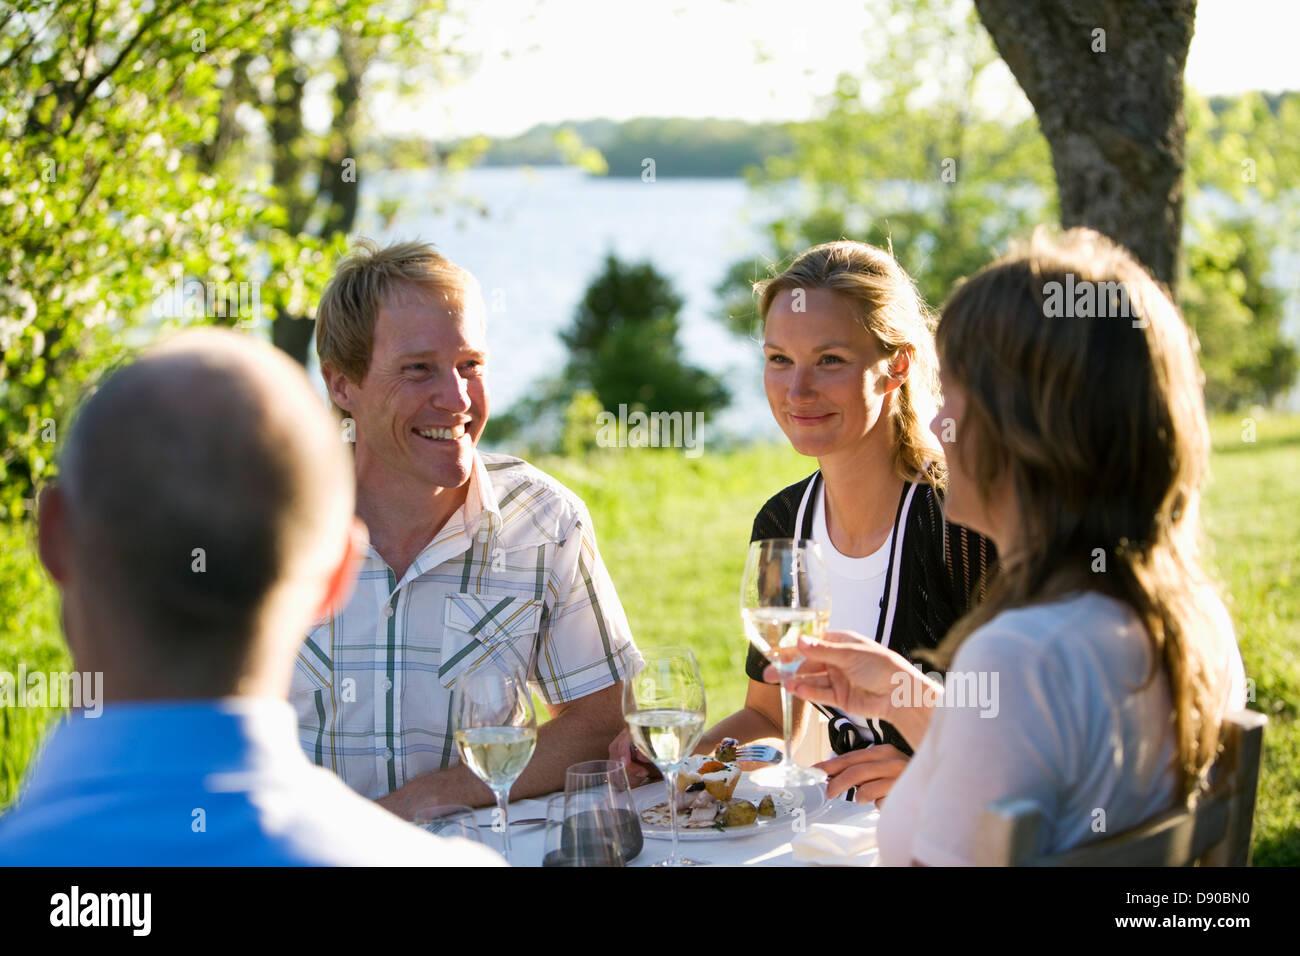 Mittsommer-Party, Fejan, Stockholmer Schären, Schweden. Stockfoto